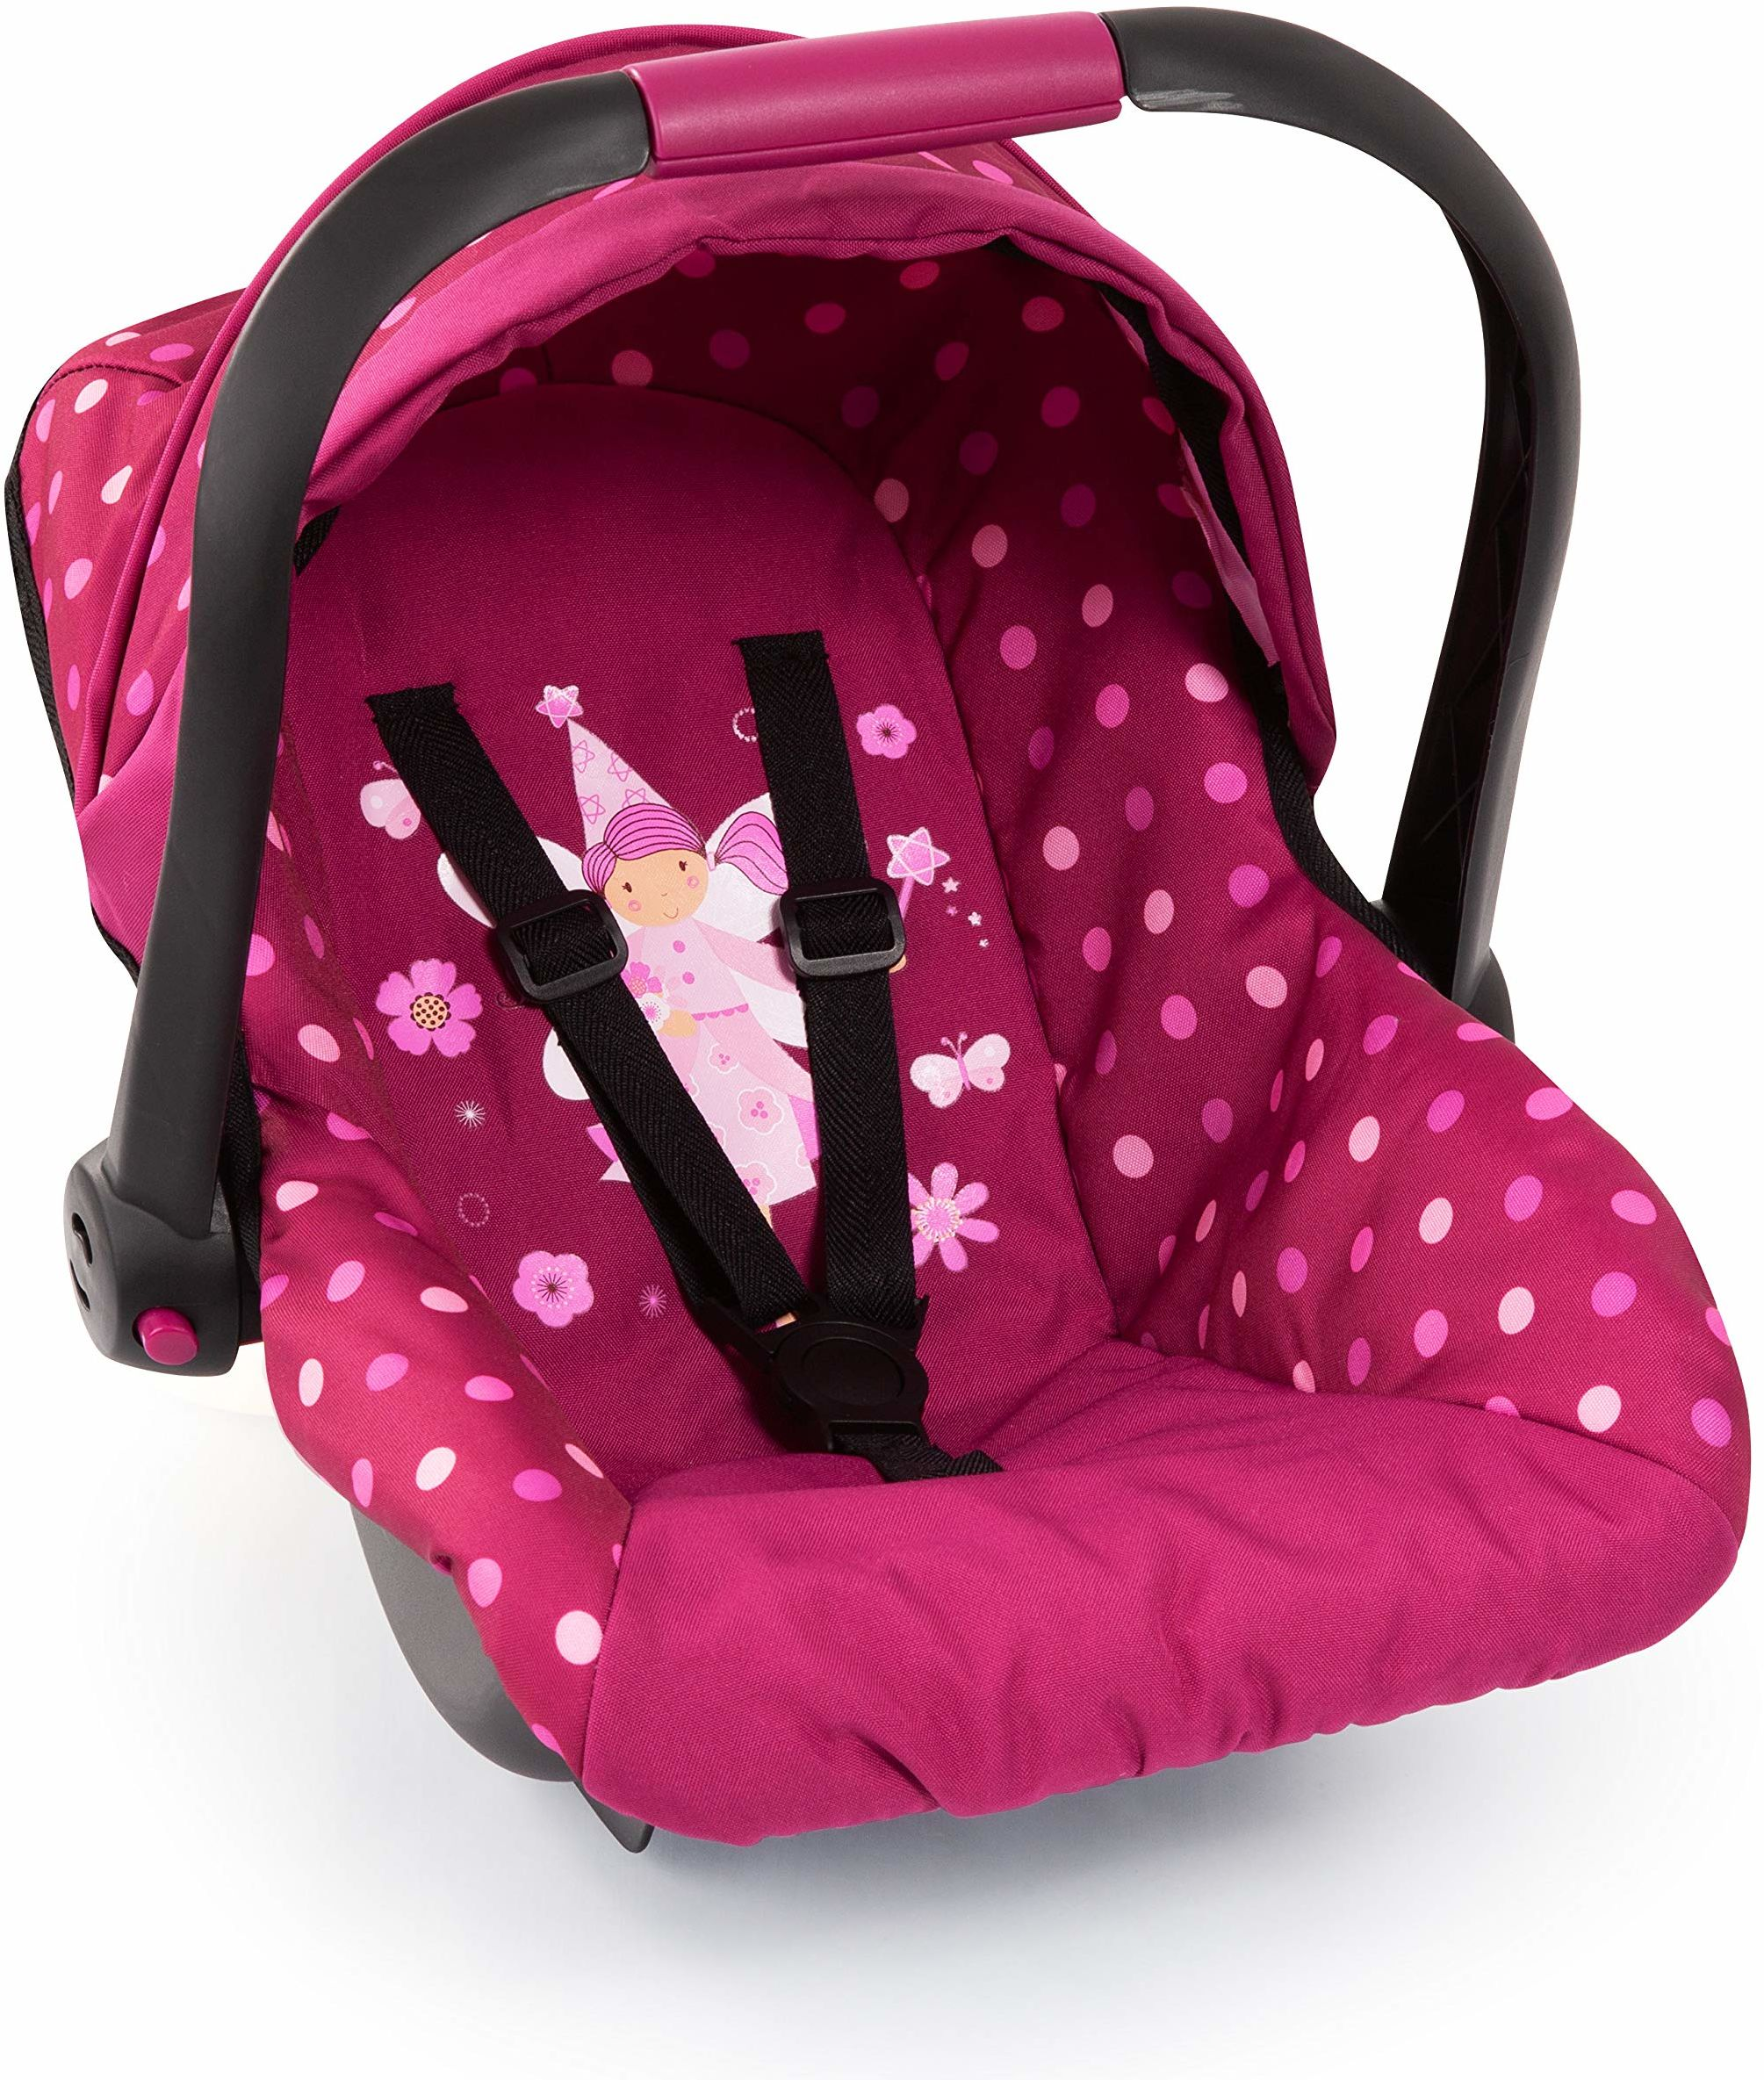 Bayer Design 67967AA fotelik samochodowy dla lalek EasyGo, akcesoria dla lalek, pasuje do wózków dla lalek Vario, z osłoną, bordowy z nowoczesnym wzorem